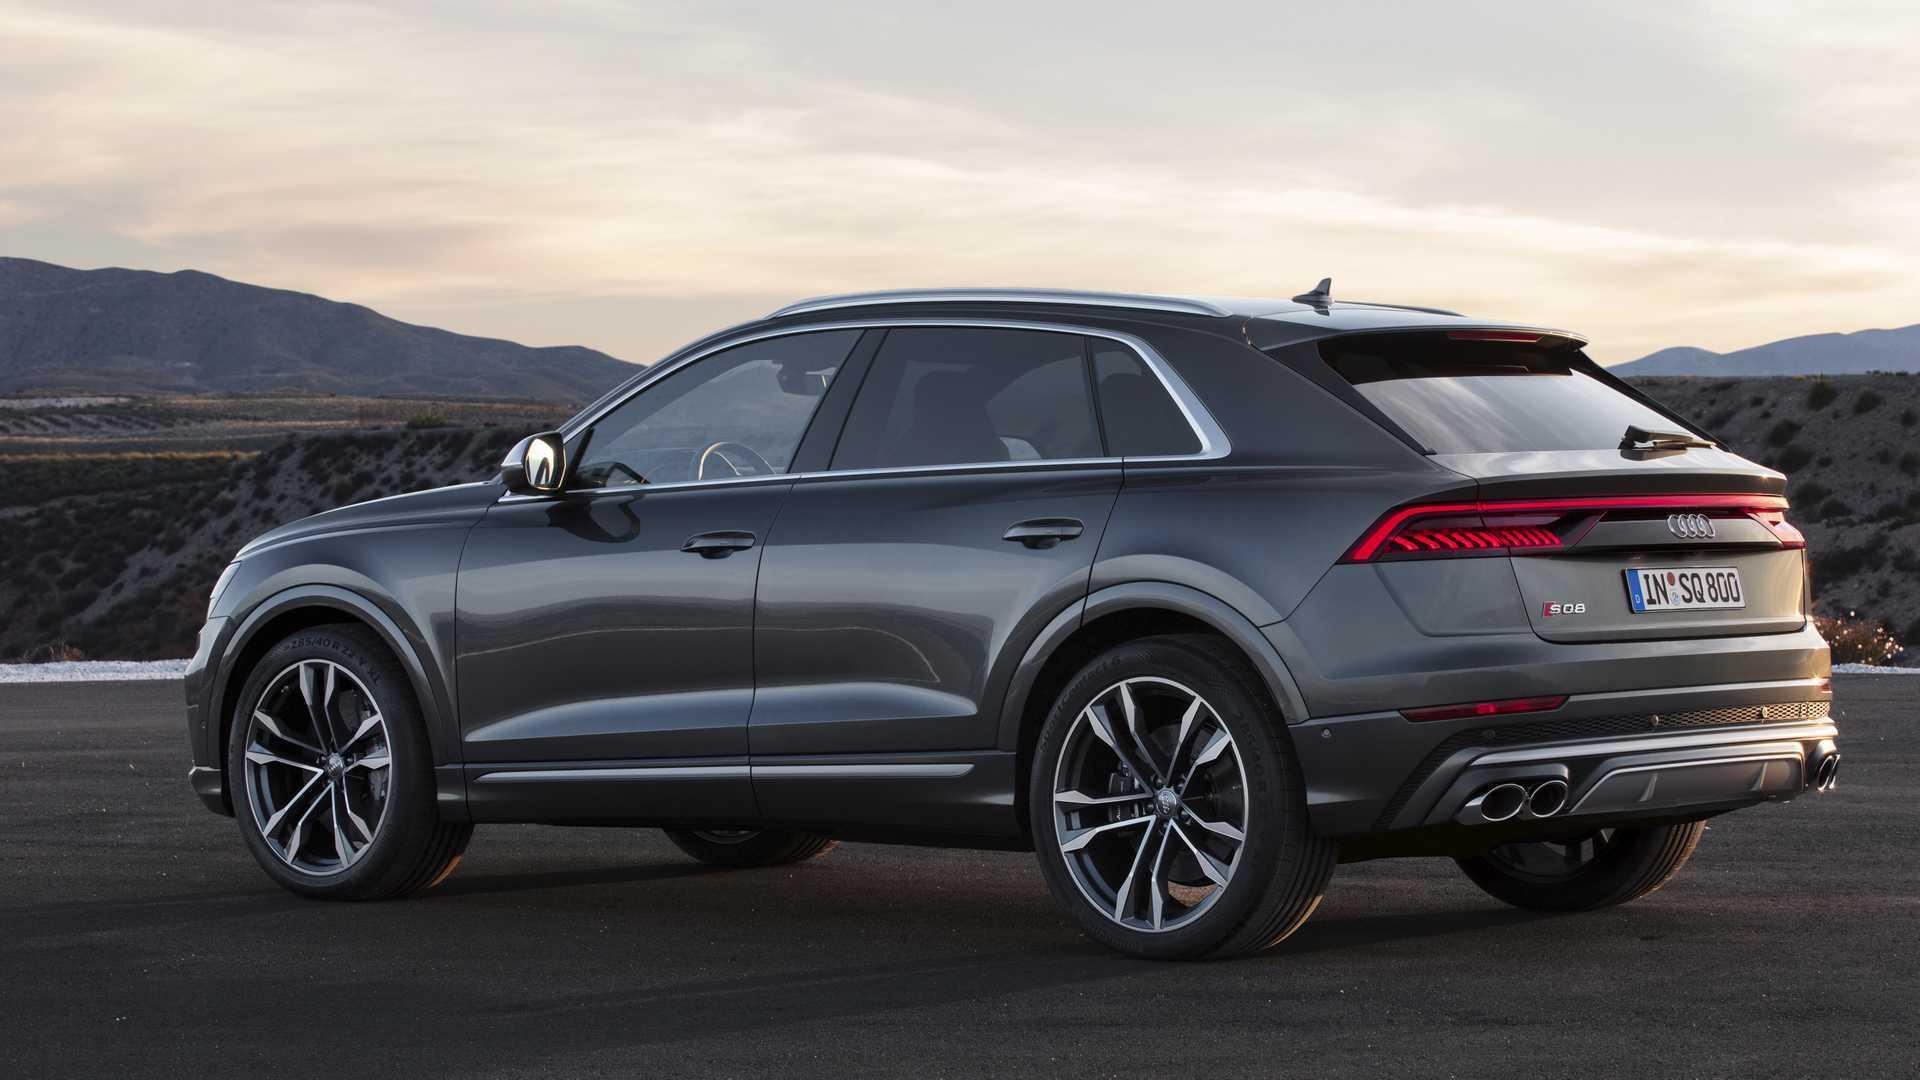 Audi Sq8 Tdi 2020 12